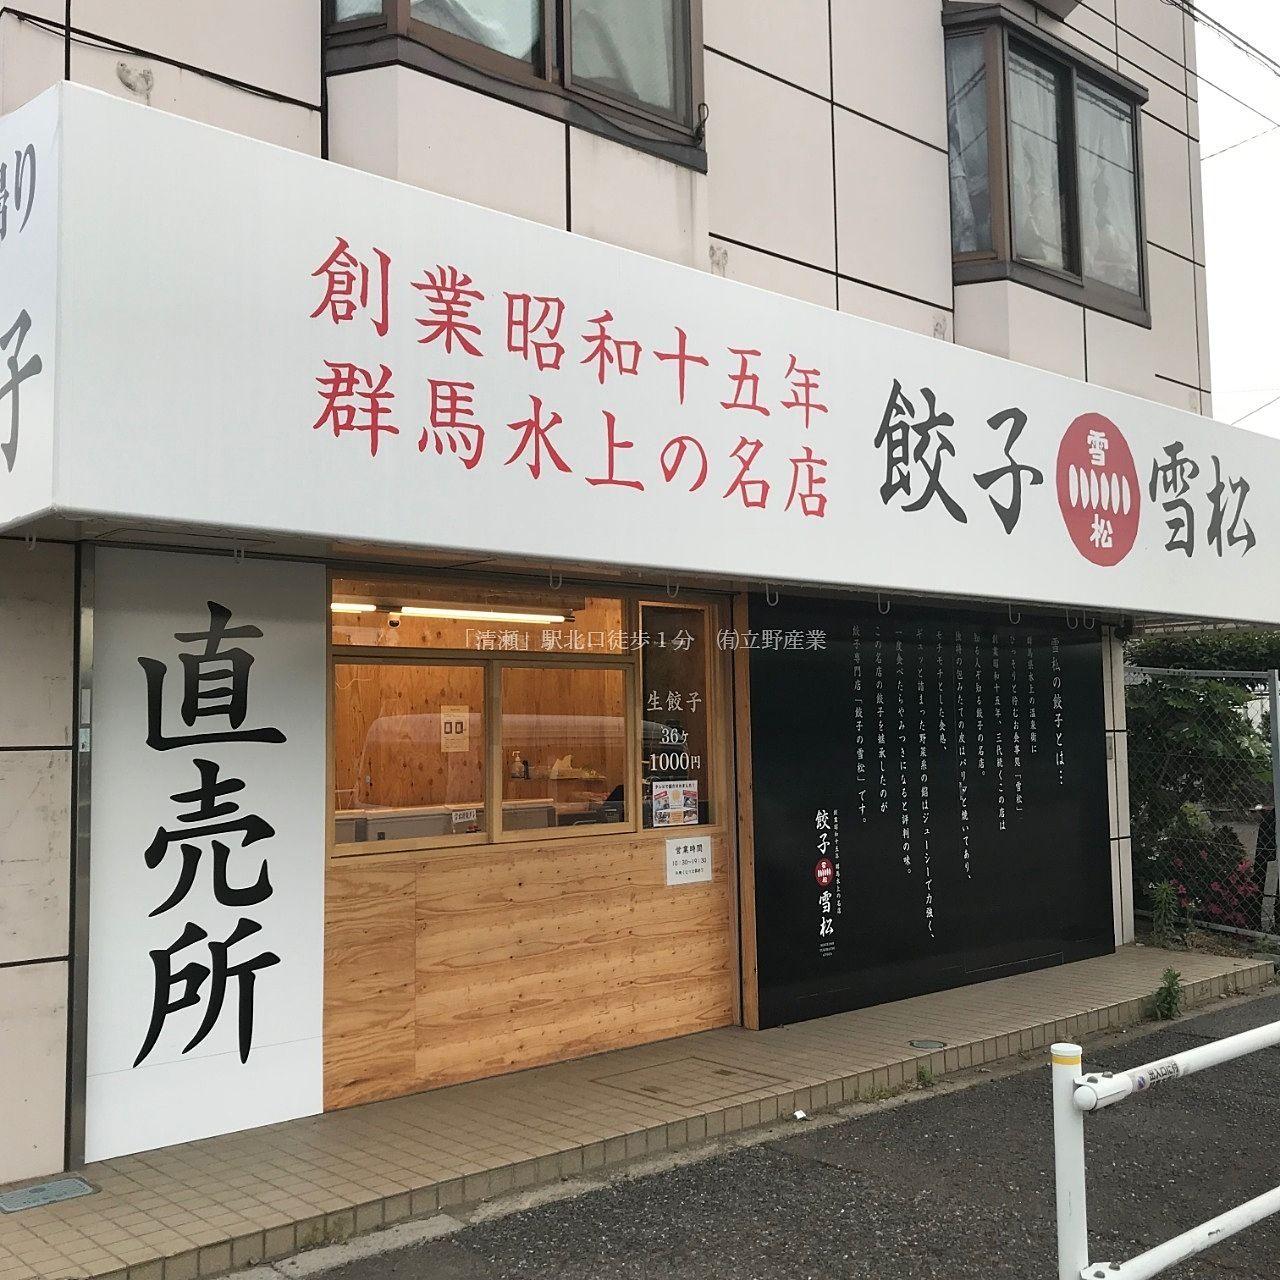 テイクアウト専門の餃子屋さん「餃子の雪松 東久留米店」